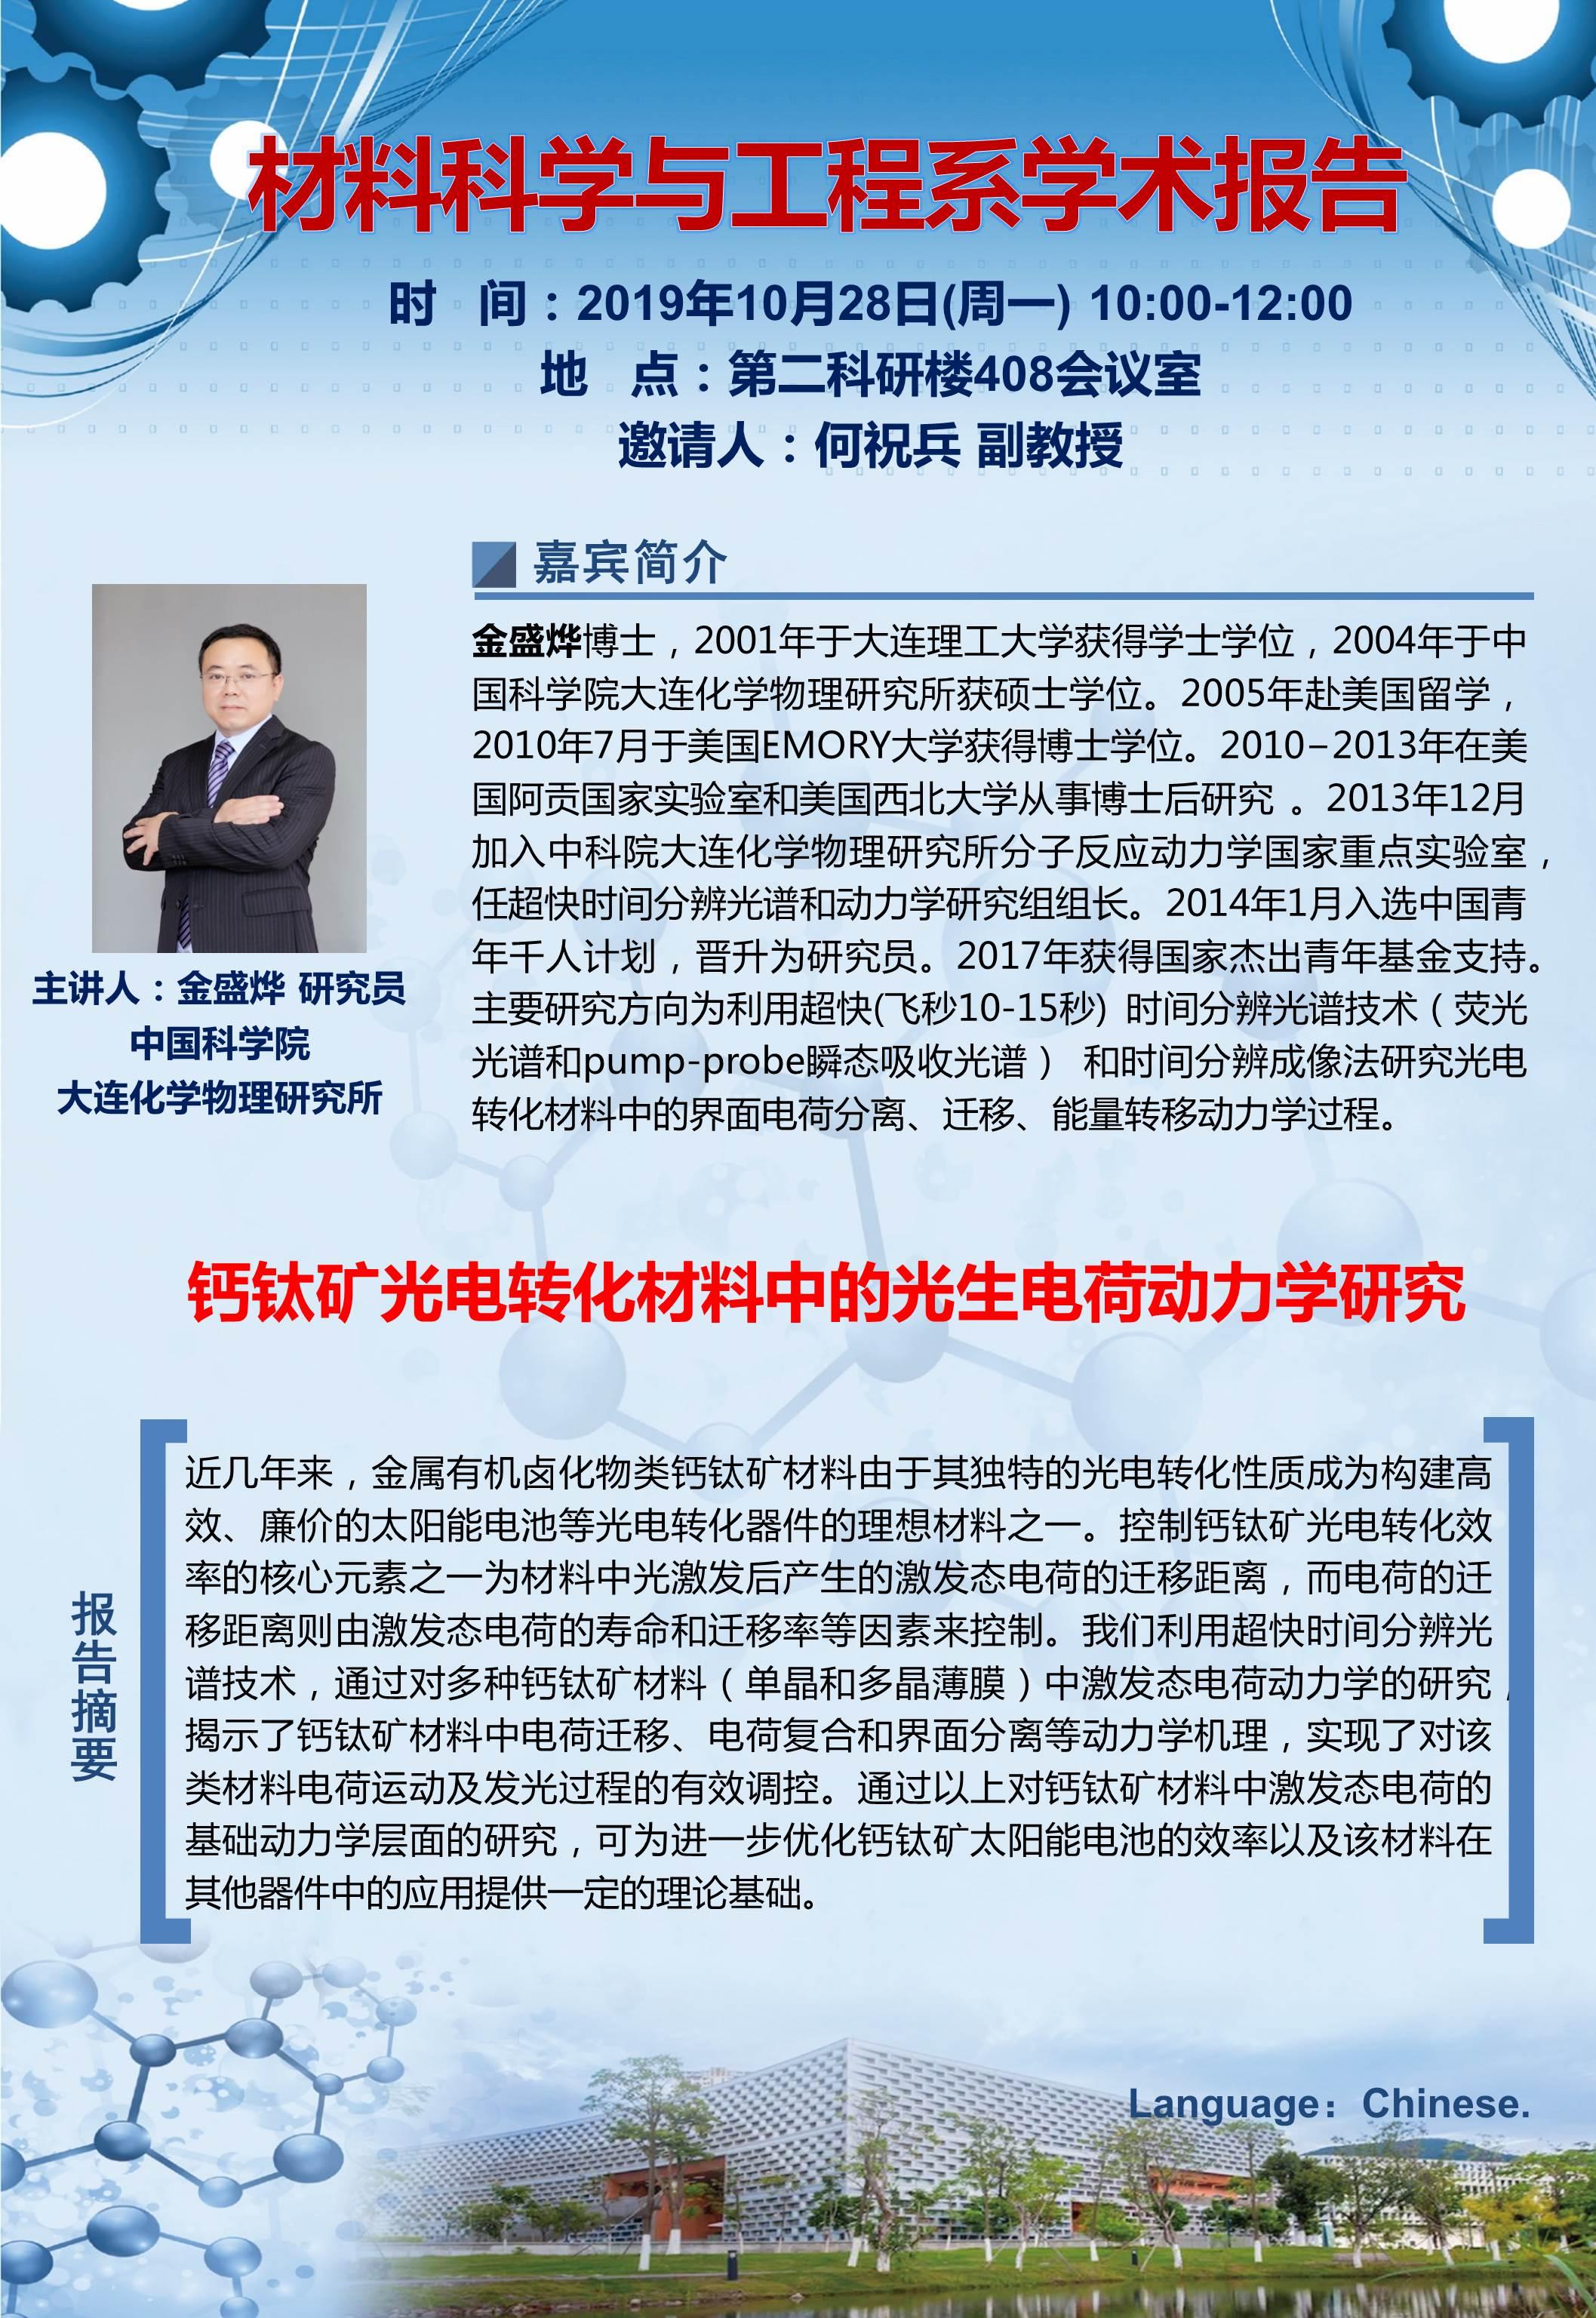 10月28日  金盛烨研究员(杰青)   10:00-12:00   何祝兵.jpg